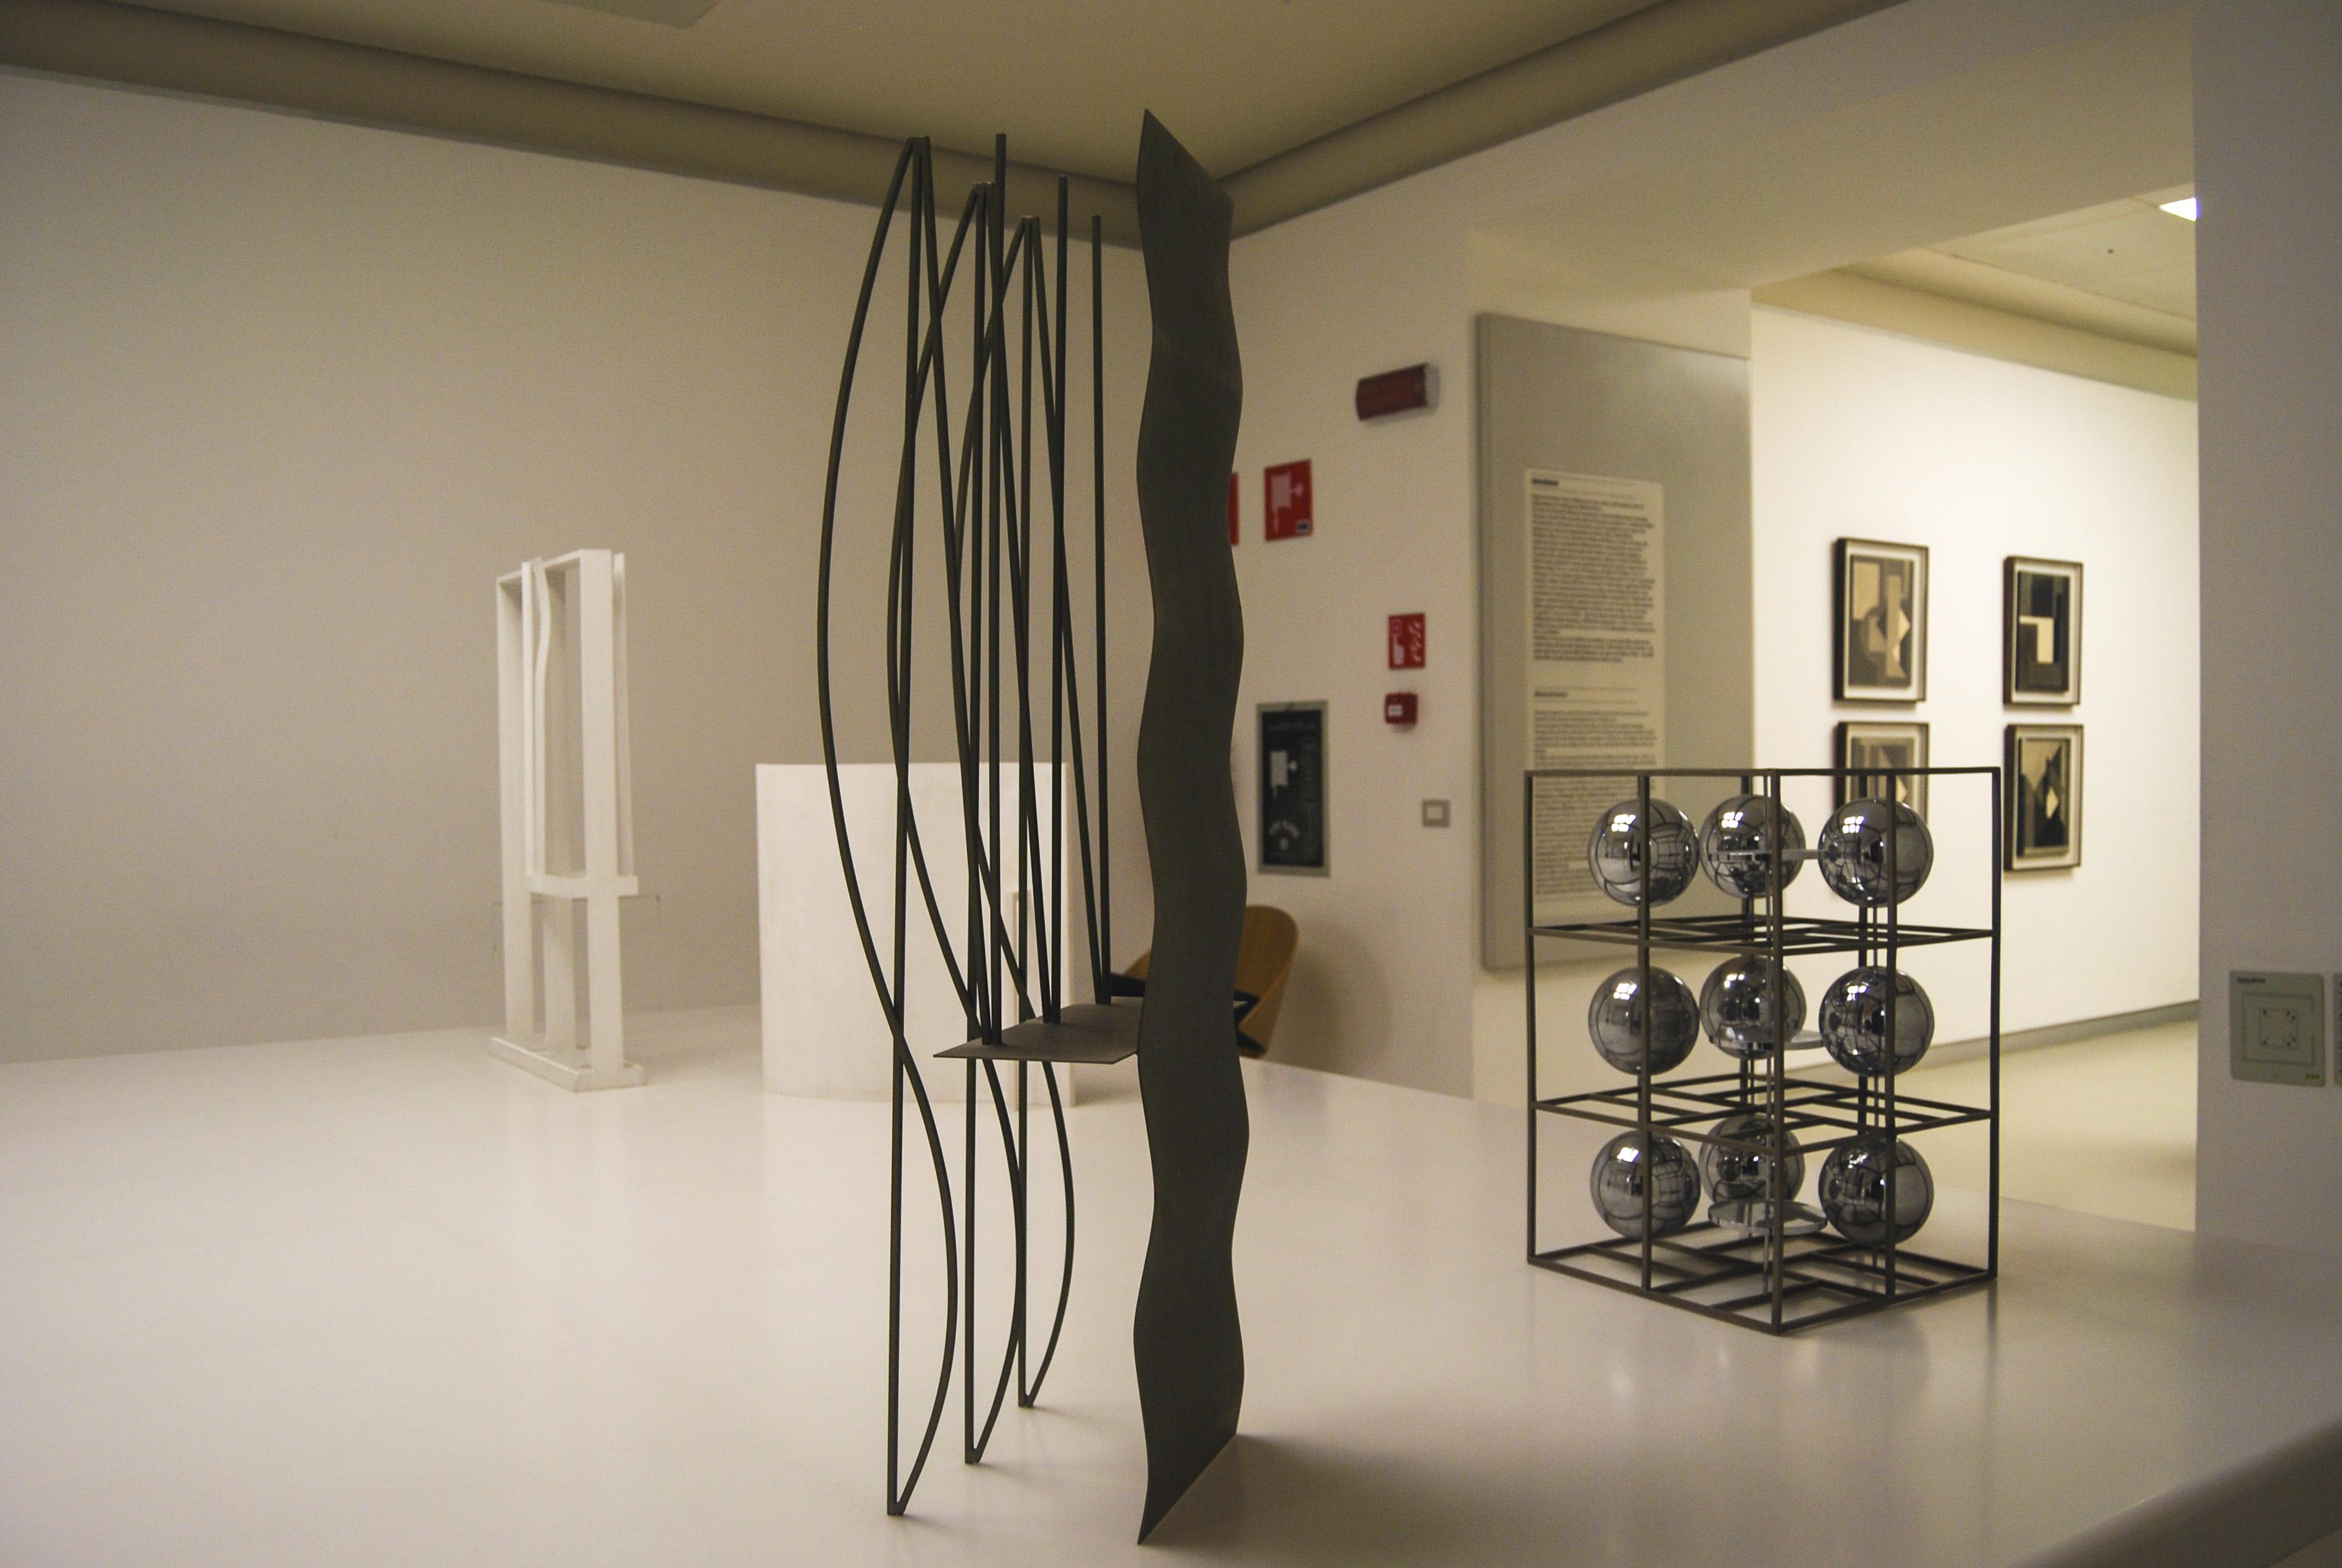 Illuminazione e musei: quale strumentazione per il lighting designer